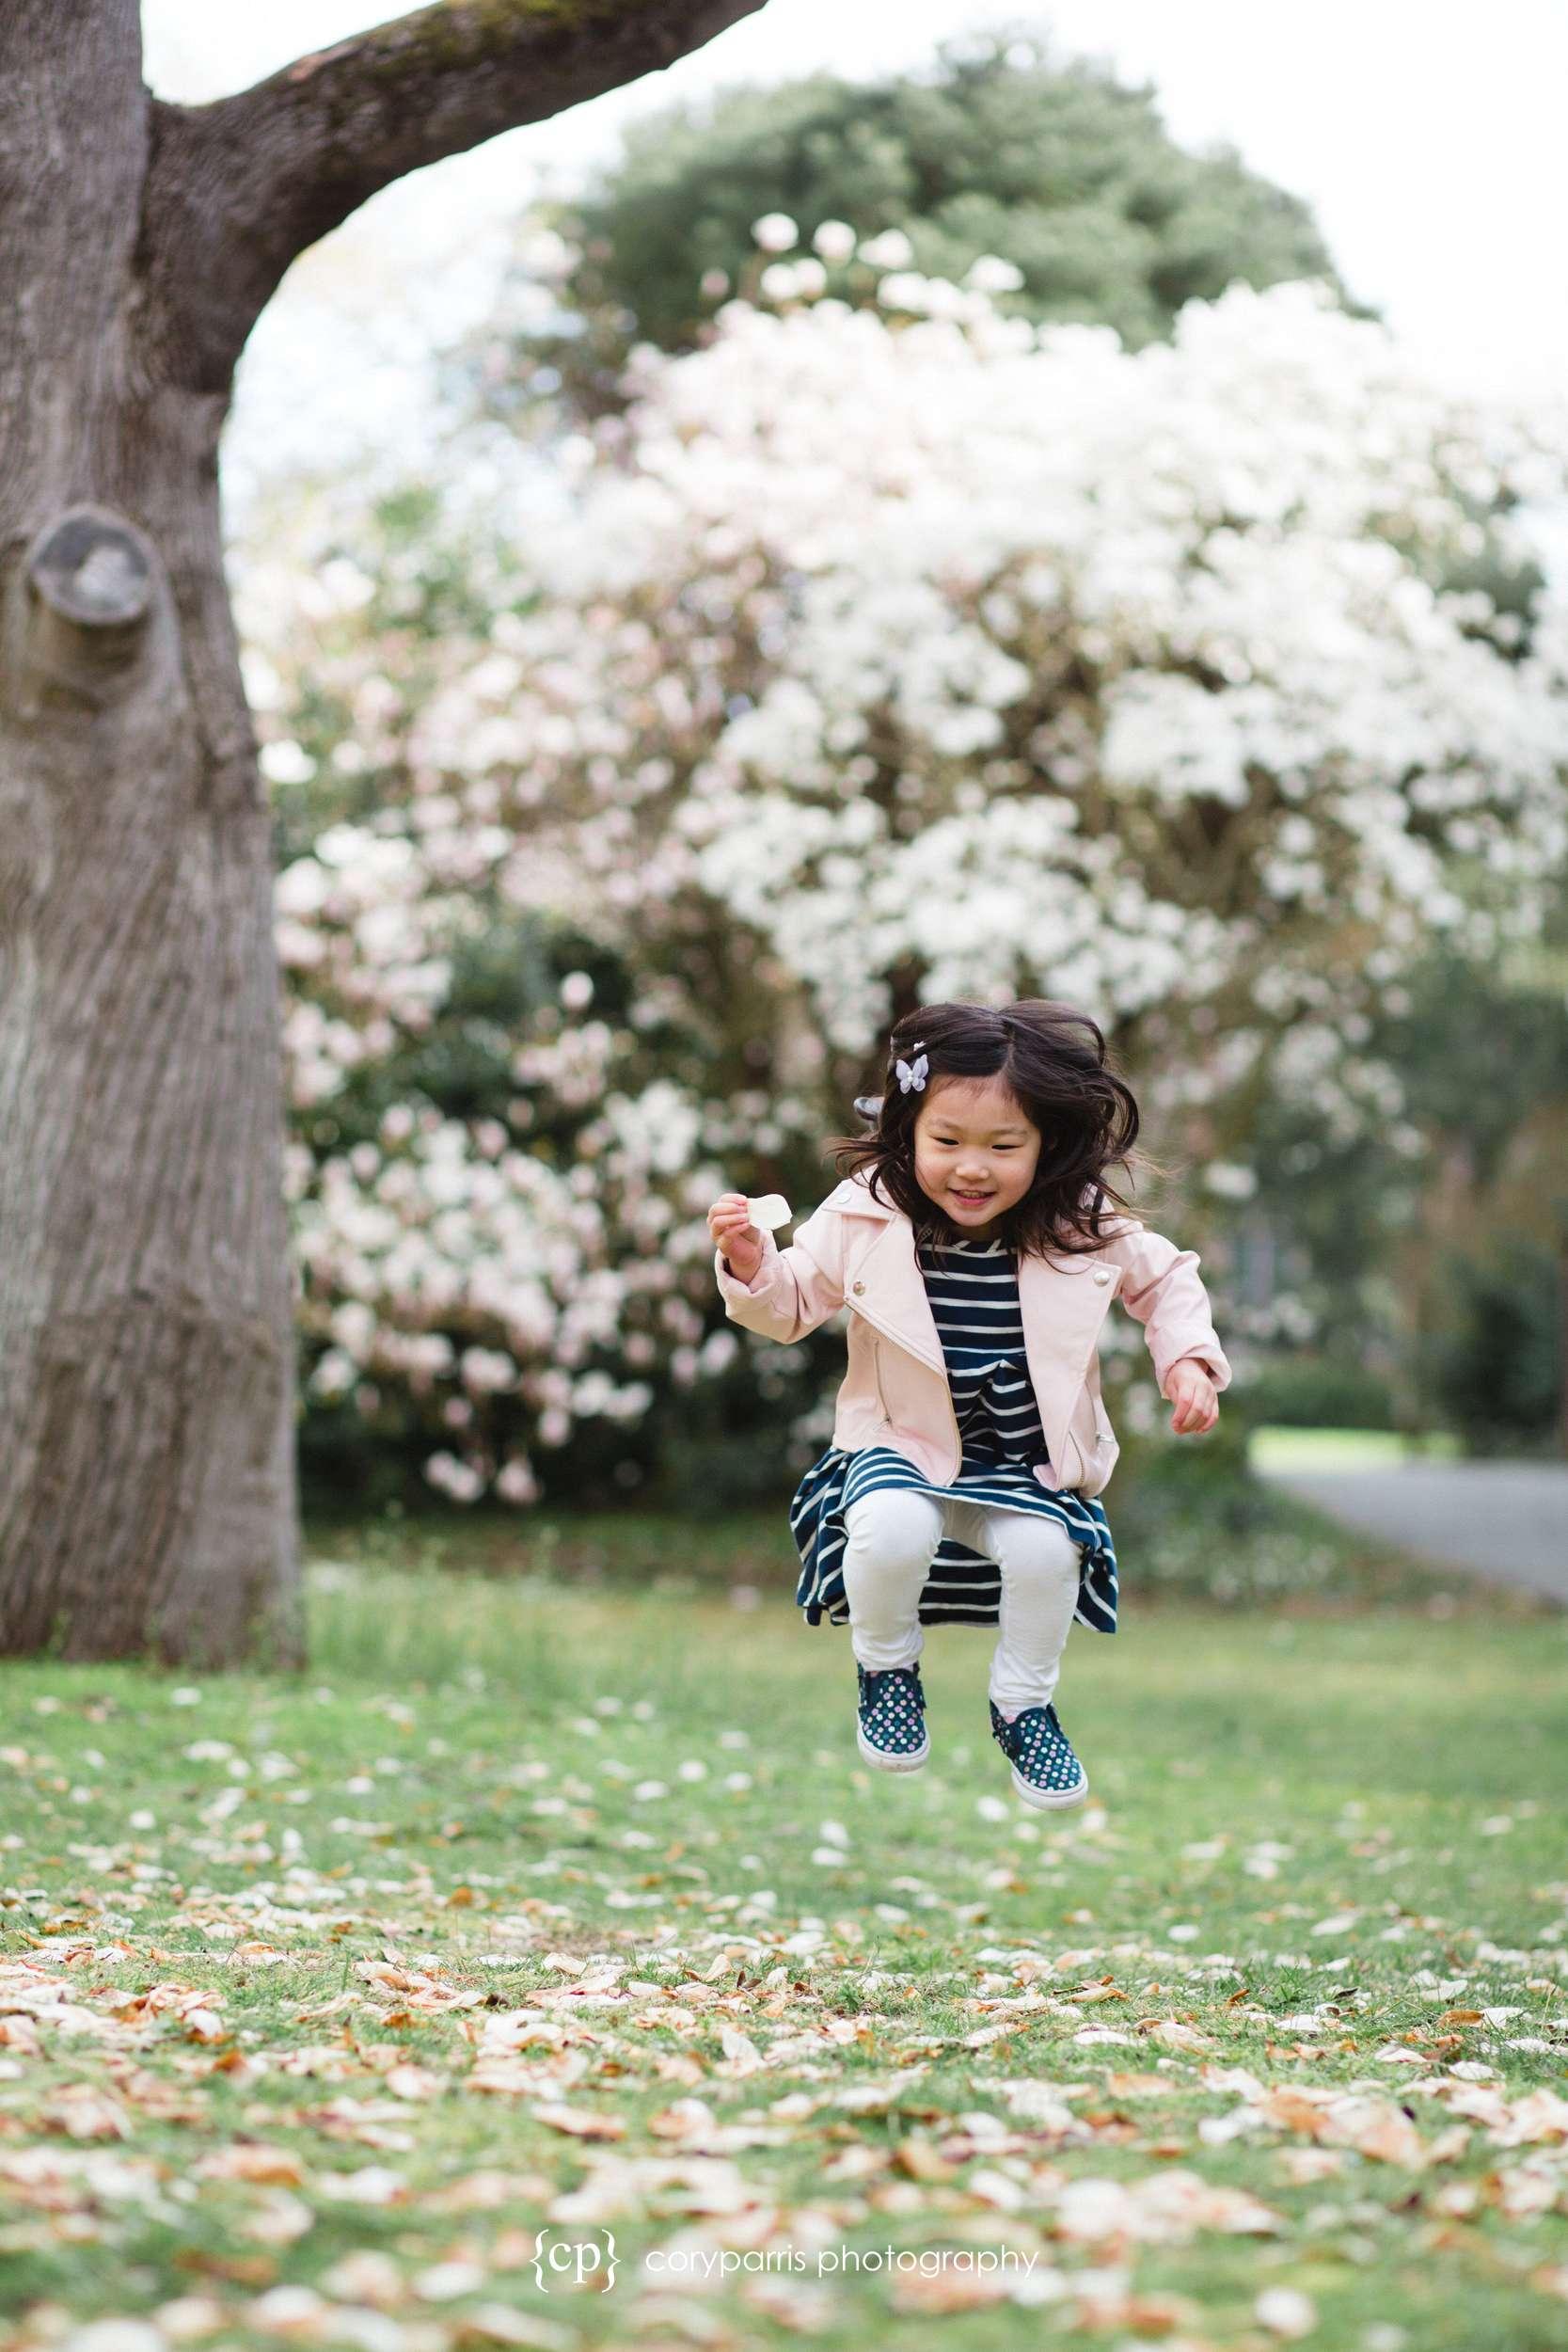 Jumping little girl portrait